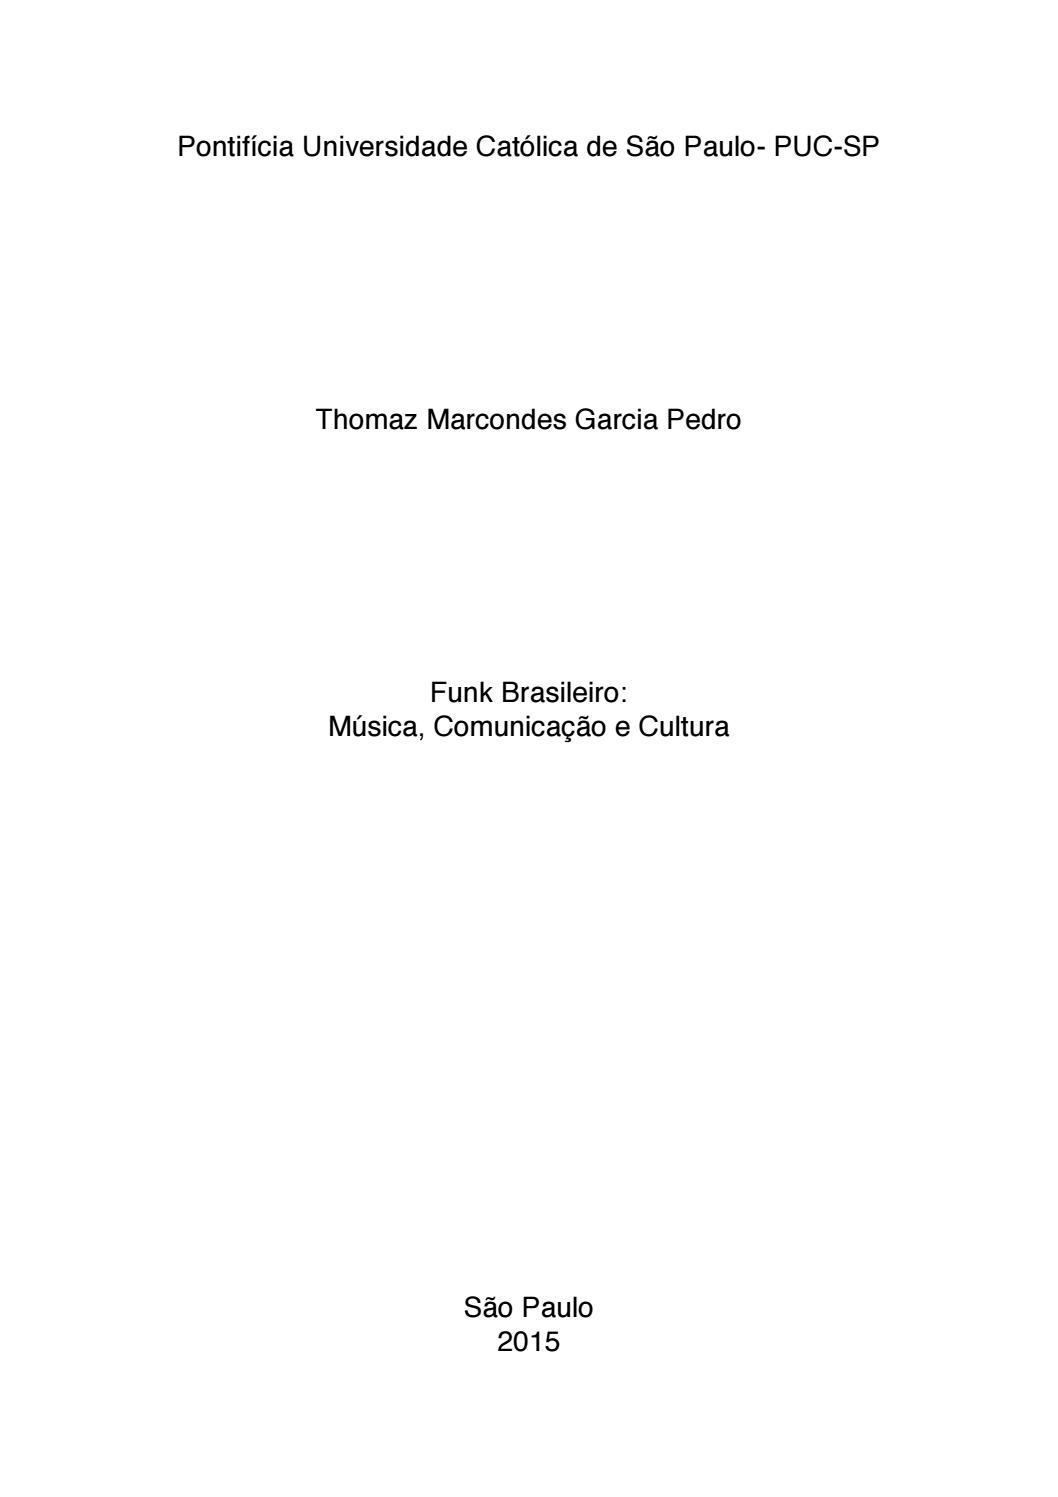 Funk brasileiro musica comunicacao e cul by Biblioteca UNEARTE Música -  issuu 7ad043c4f4d